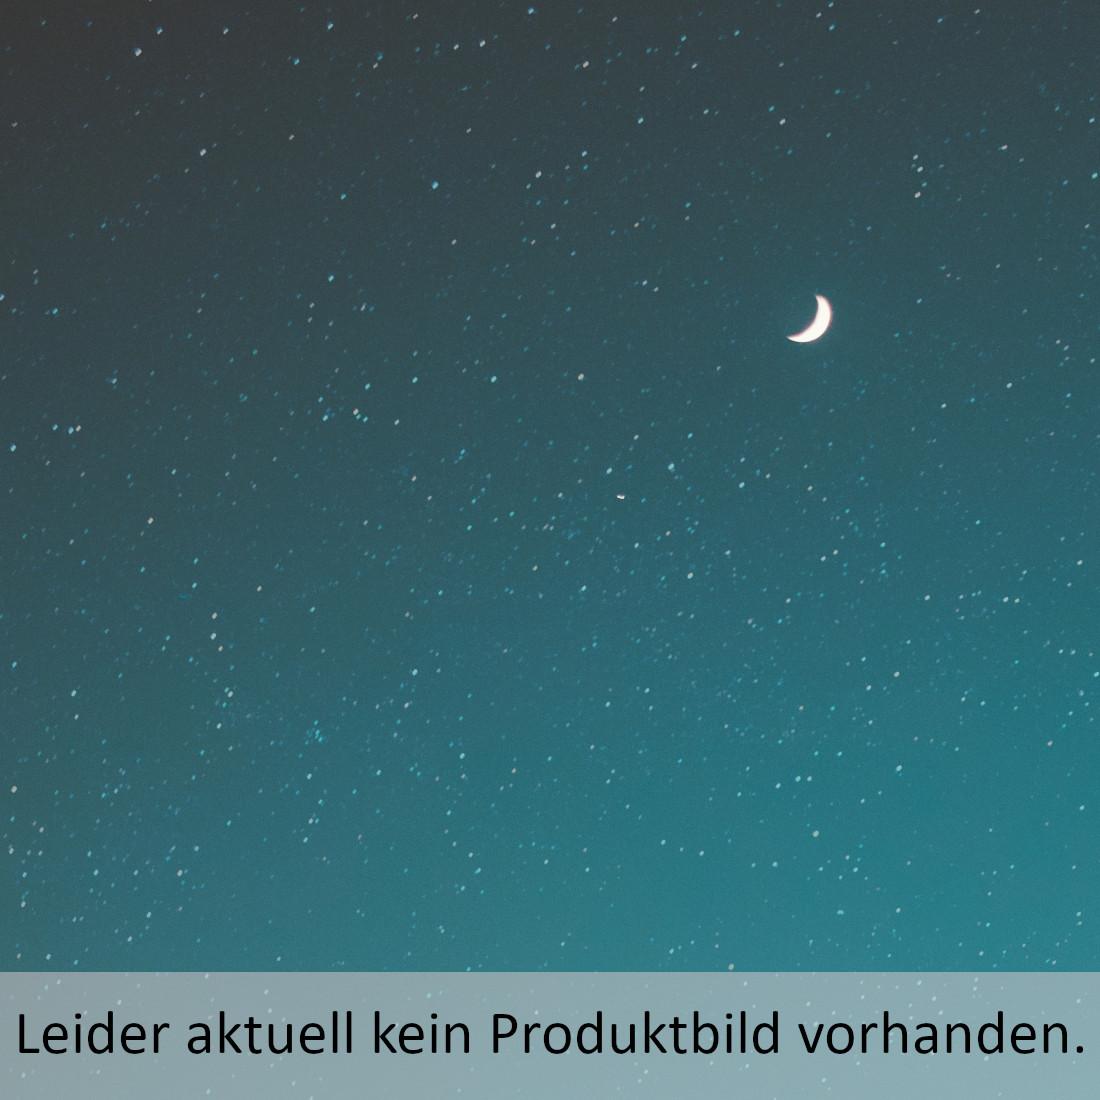 Kleine Grüße von Teddy & Co 2020 Hein, Wolfgang 9783880879249